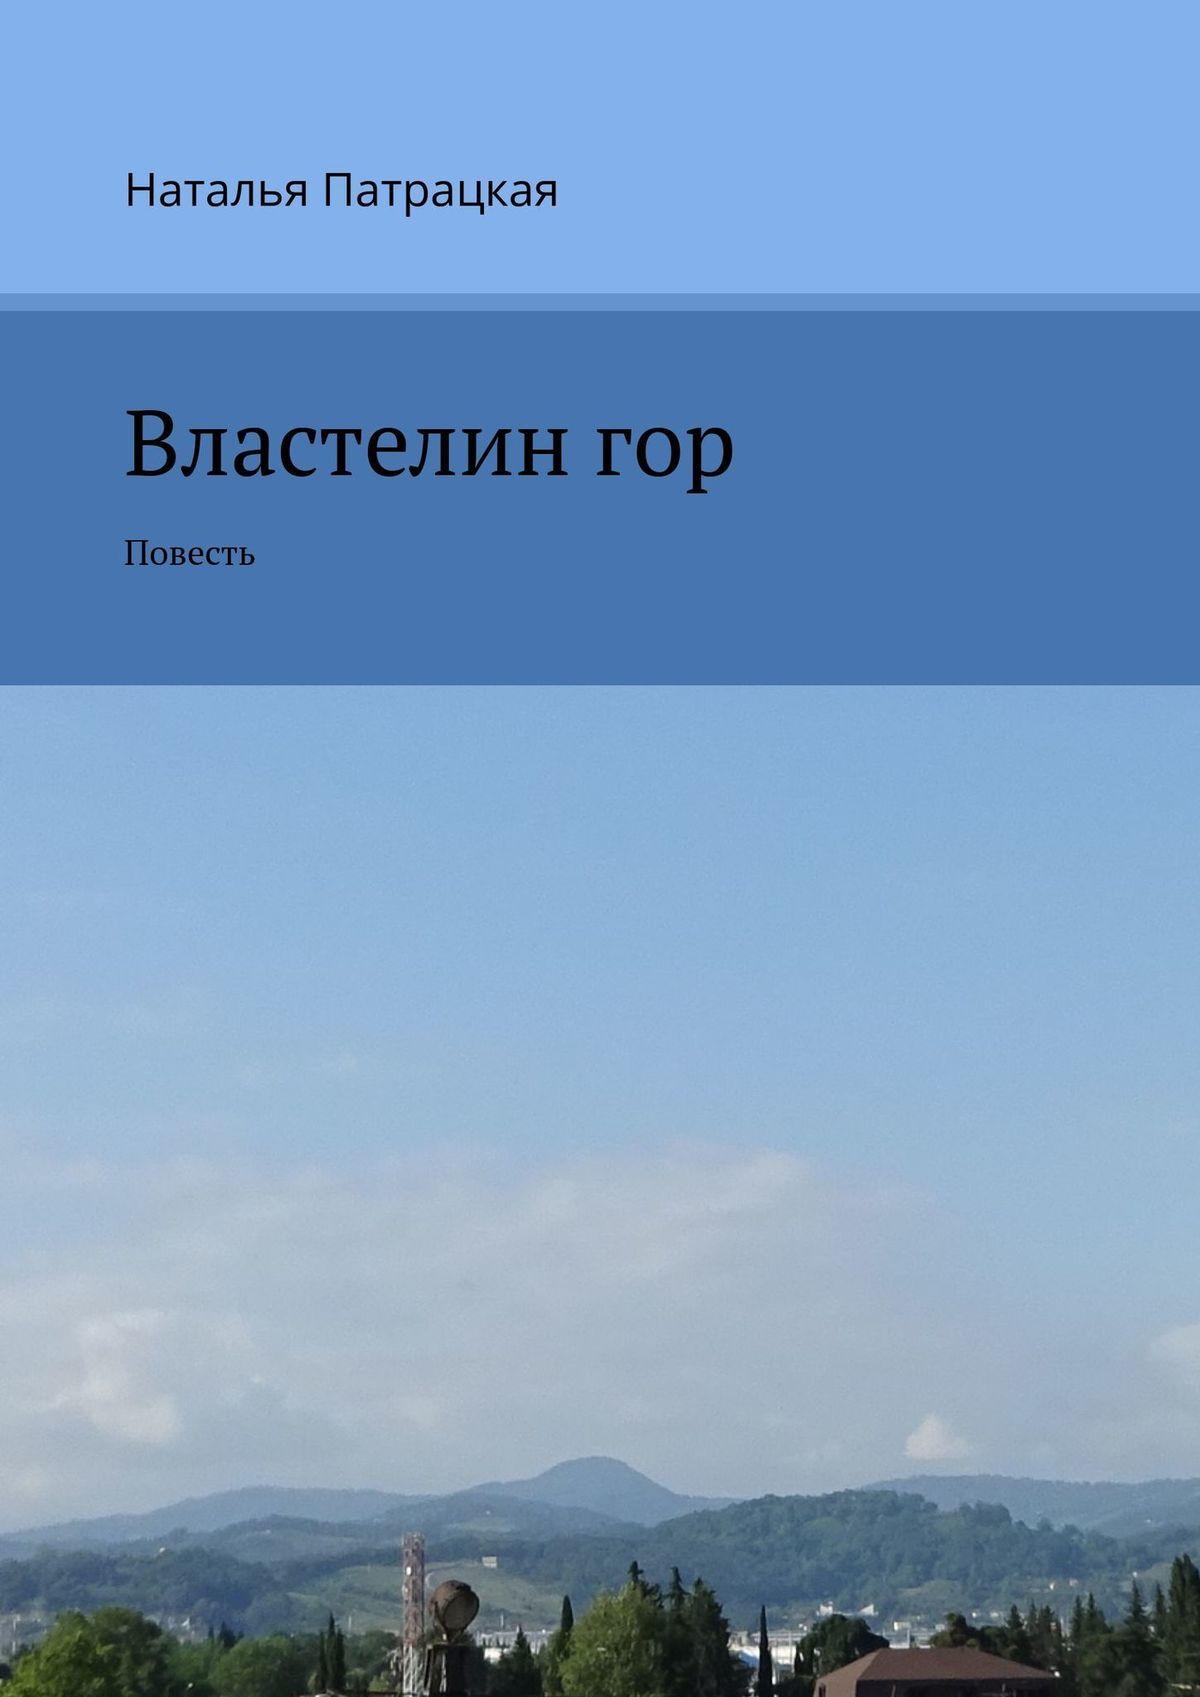 все цены на Наталья Патрацкая Властелингор. Серия «Виртуальные повести» онлайн